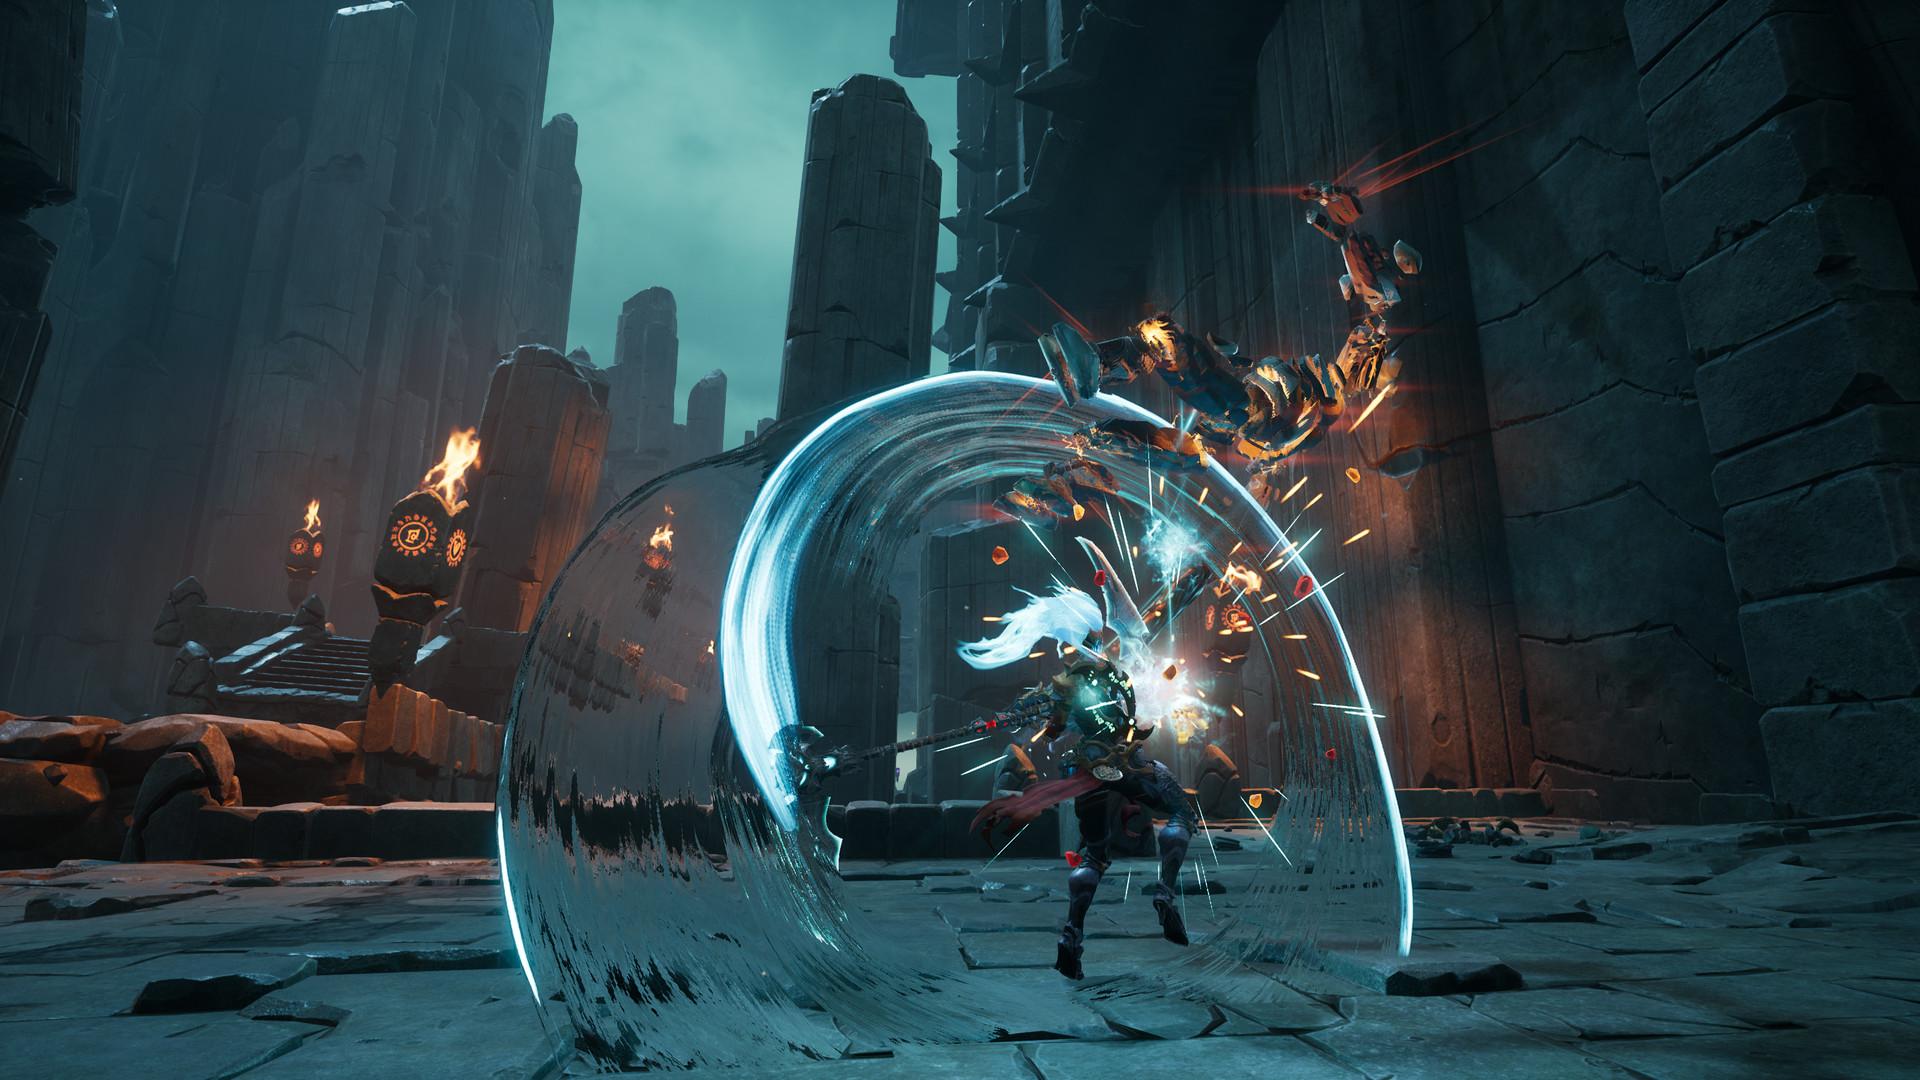 """《暗黑血统3》DLC""""虚空守护者""""发售 女神大开杀戒"""